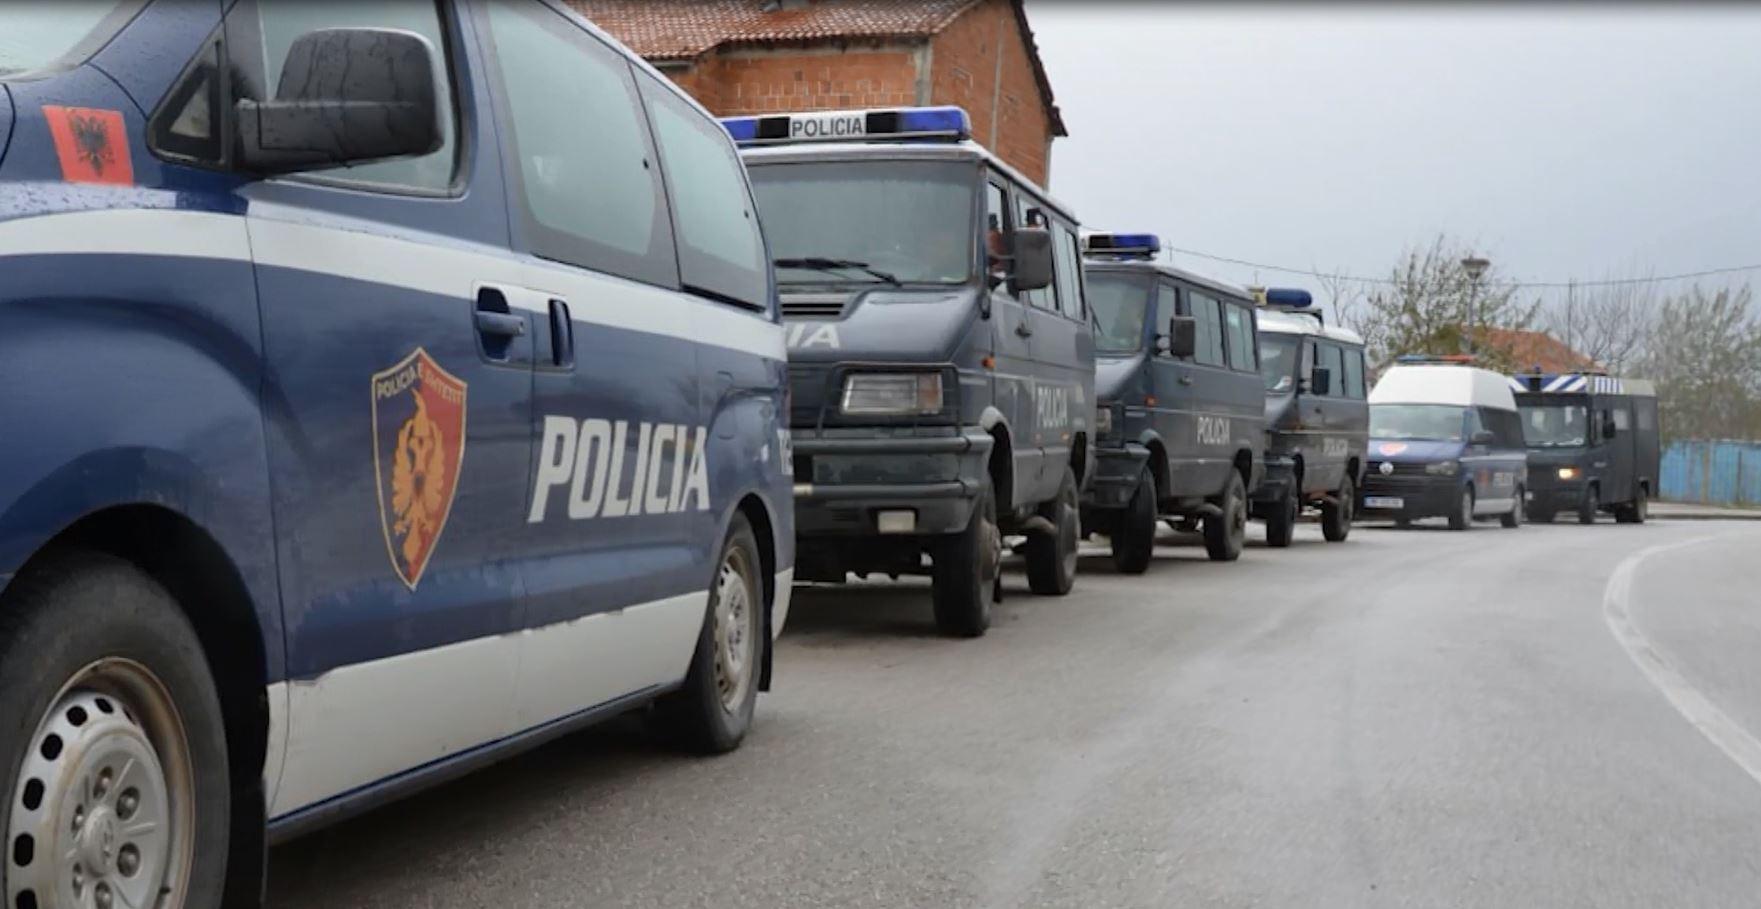 Protesta në Rrugën e Kombit, Policia: 23 vetë të arrestuar